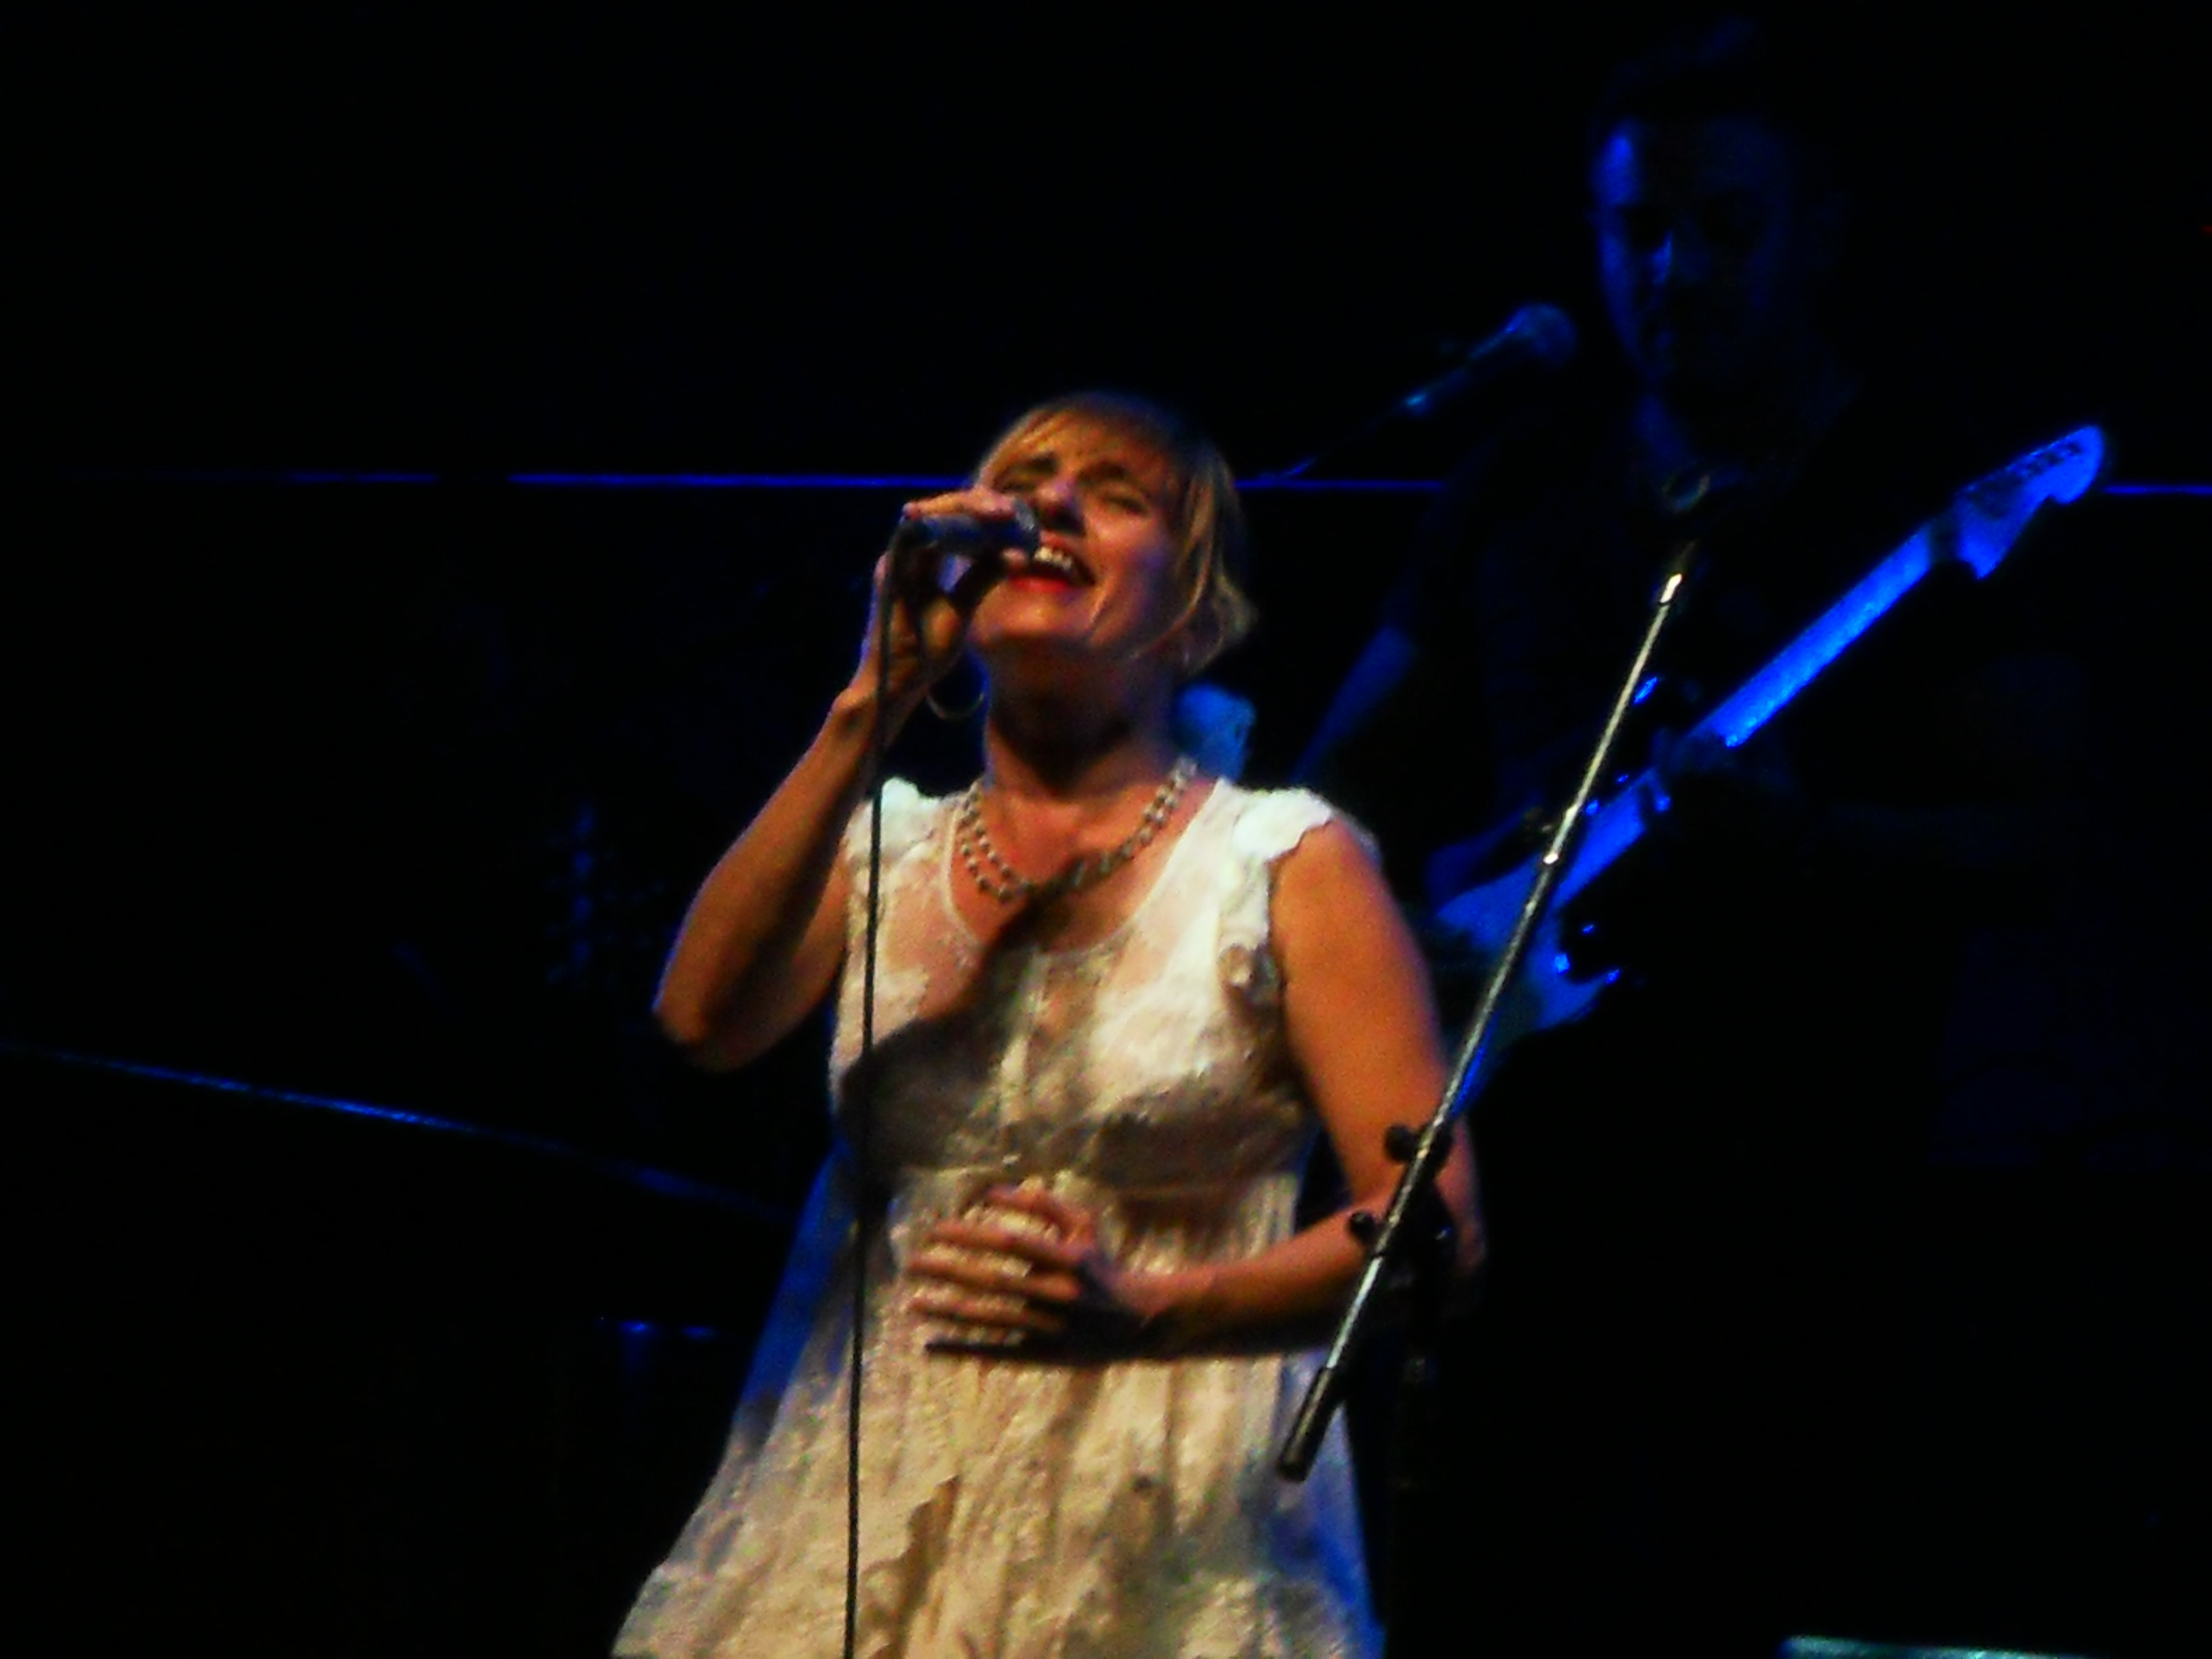 Hilda Lizarazu cantando en un recital en la Ciudad de Mendoza, el 15 de diciembre de 2013.